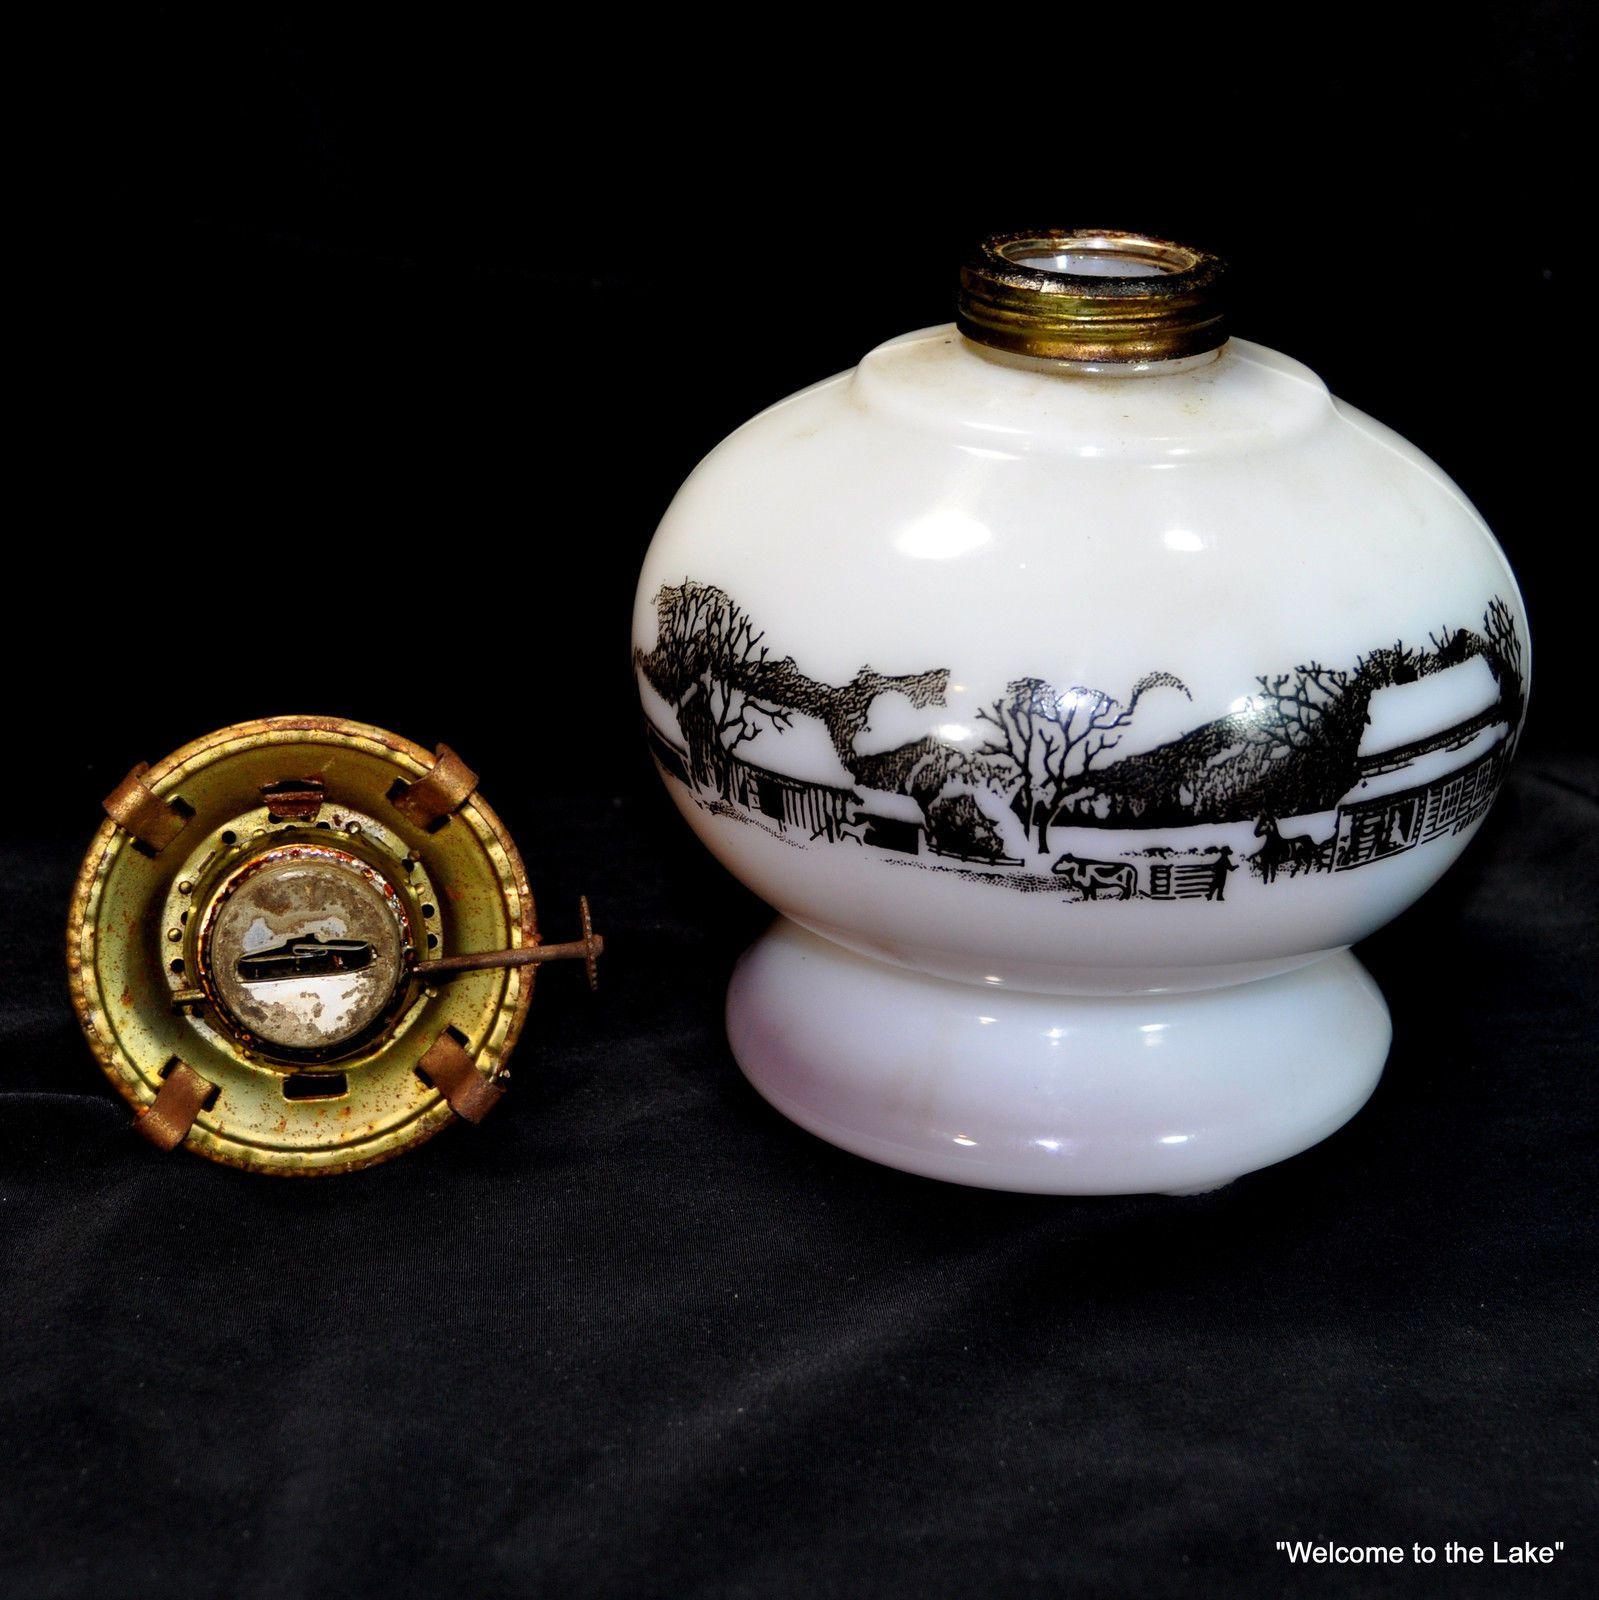 Kerosene Lamp Vintage White Oil Lamp Currier And Ives Scene Oil Lamps Currier And Ives Kerosene Lamp